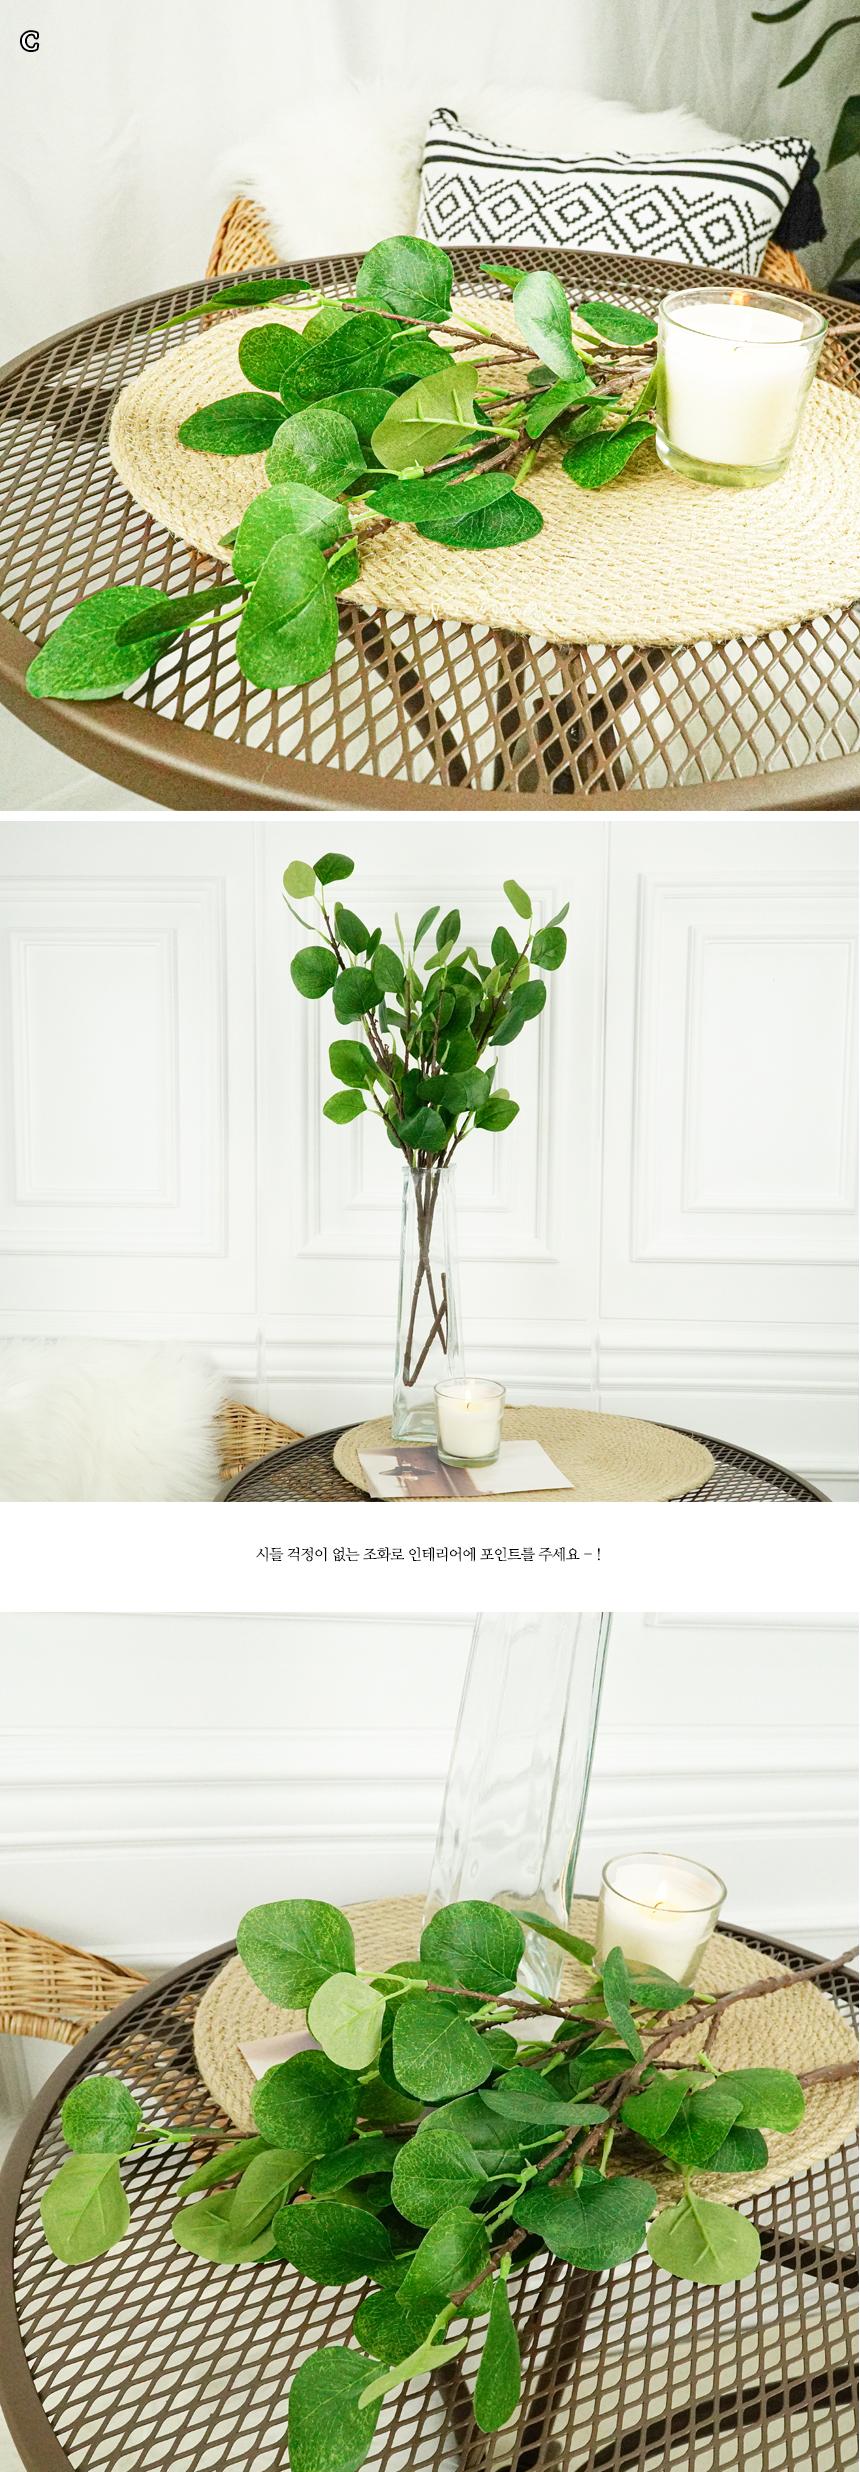 고르소 유칼립투스 조화 장식 인테리어 나무5,900원-고르소인테리어, 플라워, 조화, 웨딩조화바보사랑고르소 유칼립투스 조화 장식 인테리어 나무5,900원-고르소인테리어, 플라워, 조화, 웨딩조화바보사랑